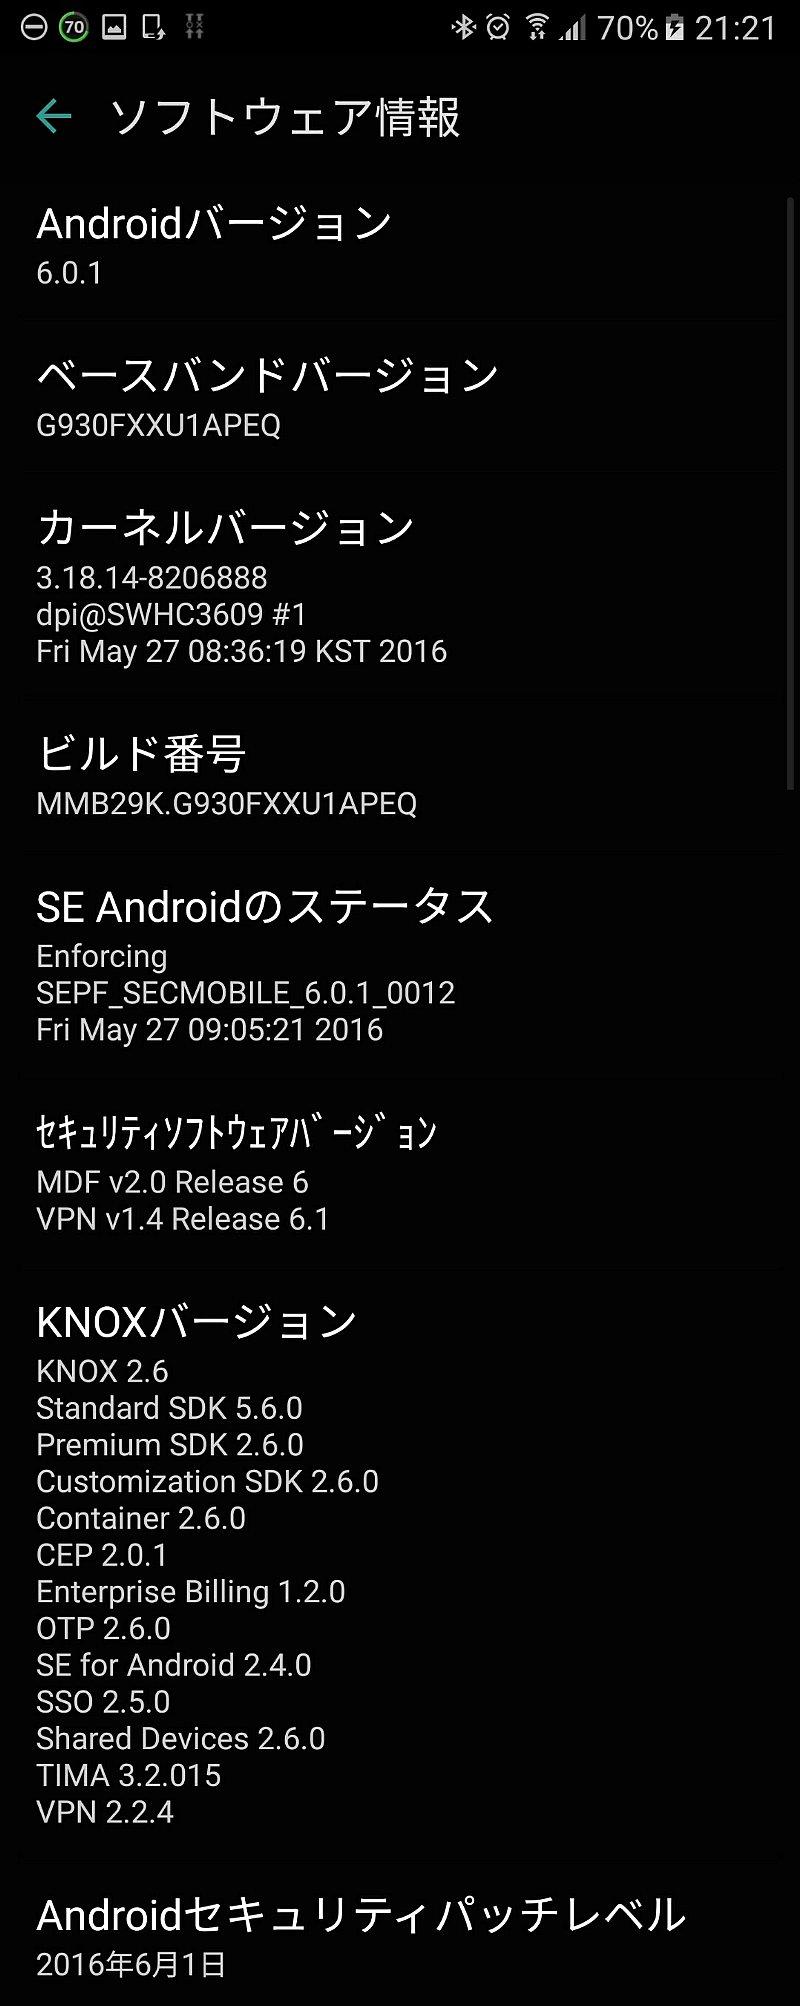 Galaxy S7アップデート前のセキュリティパッチレベル